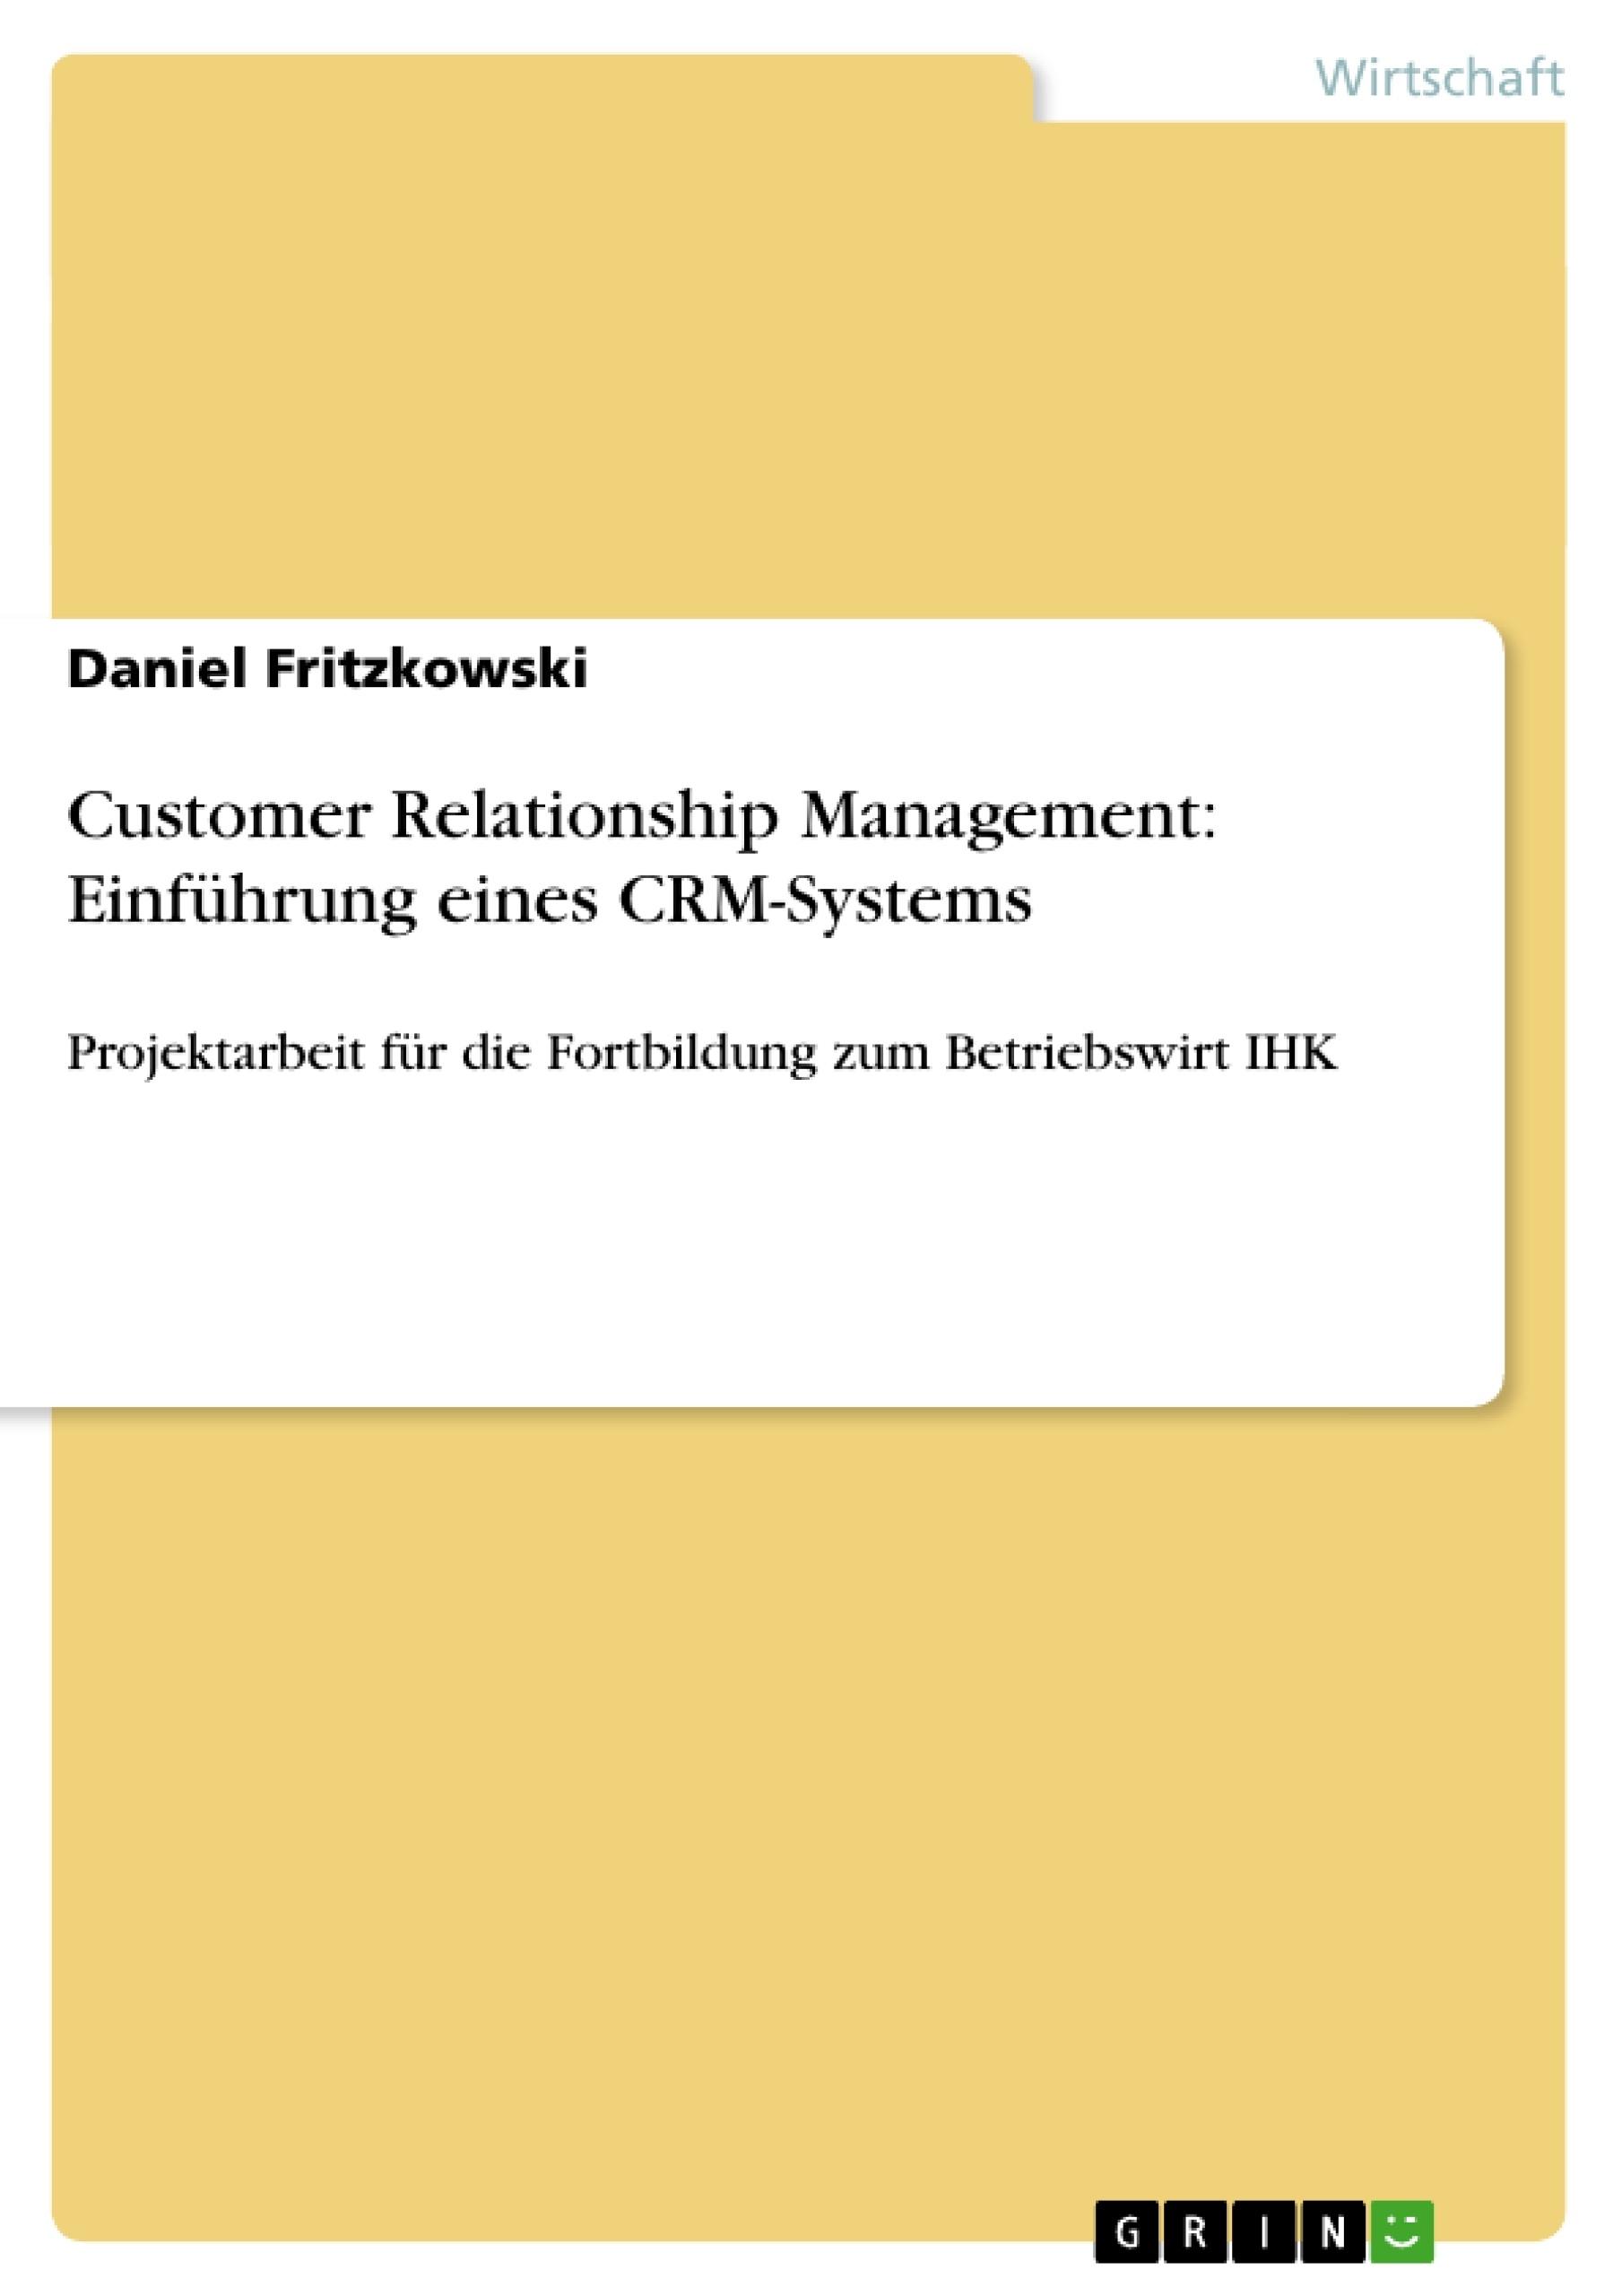 Produktlebenszyklus Analyse Aufgaben Technischer Betriebswirt Finanznews